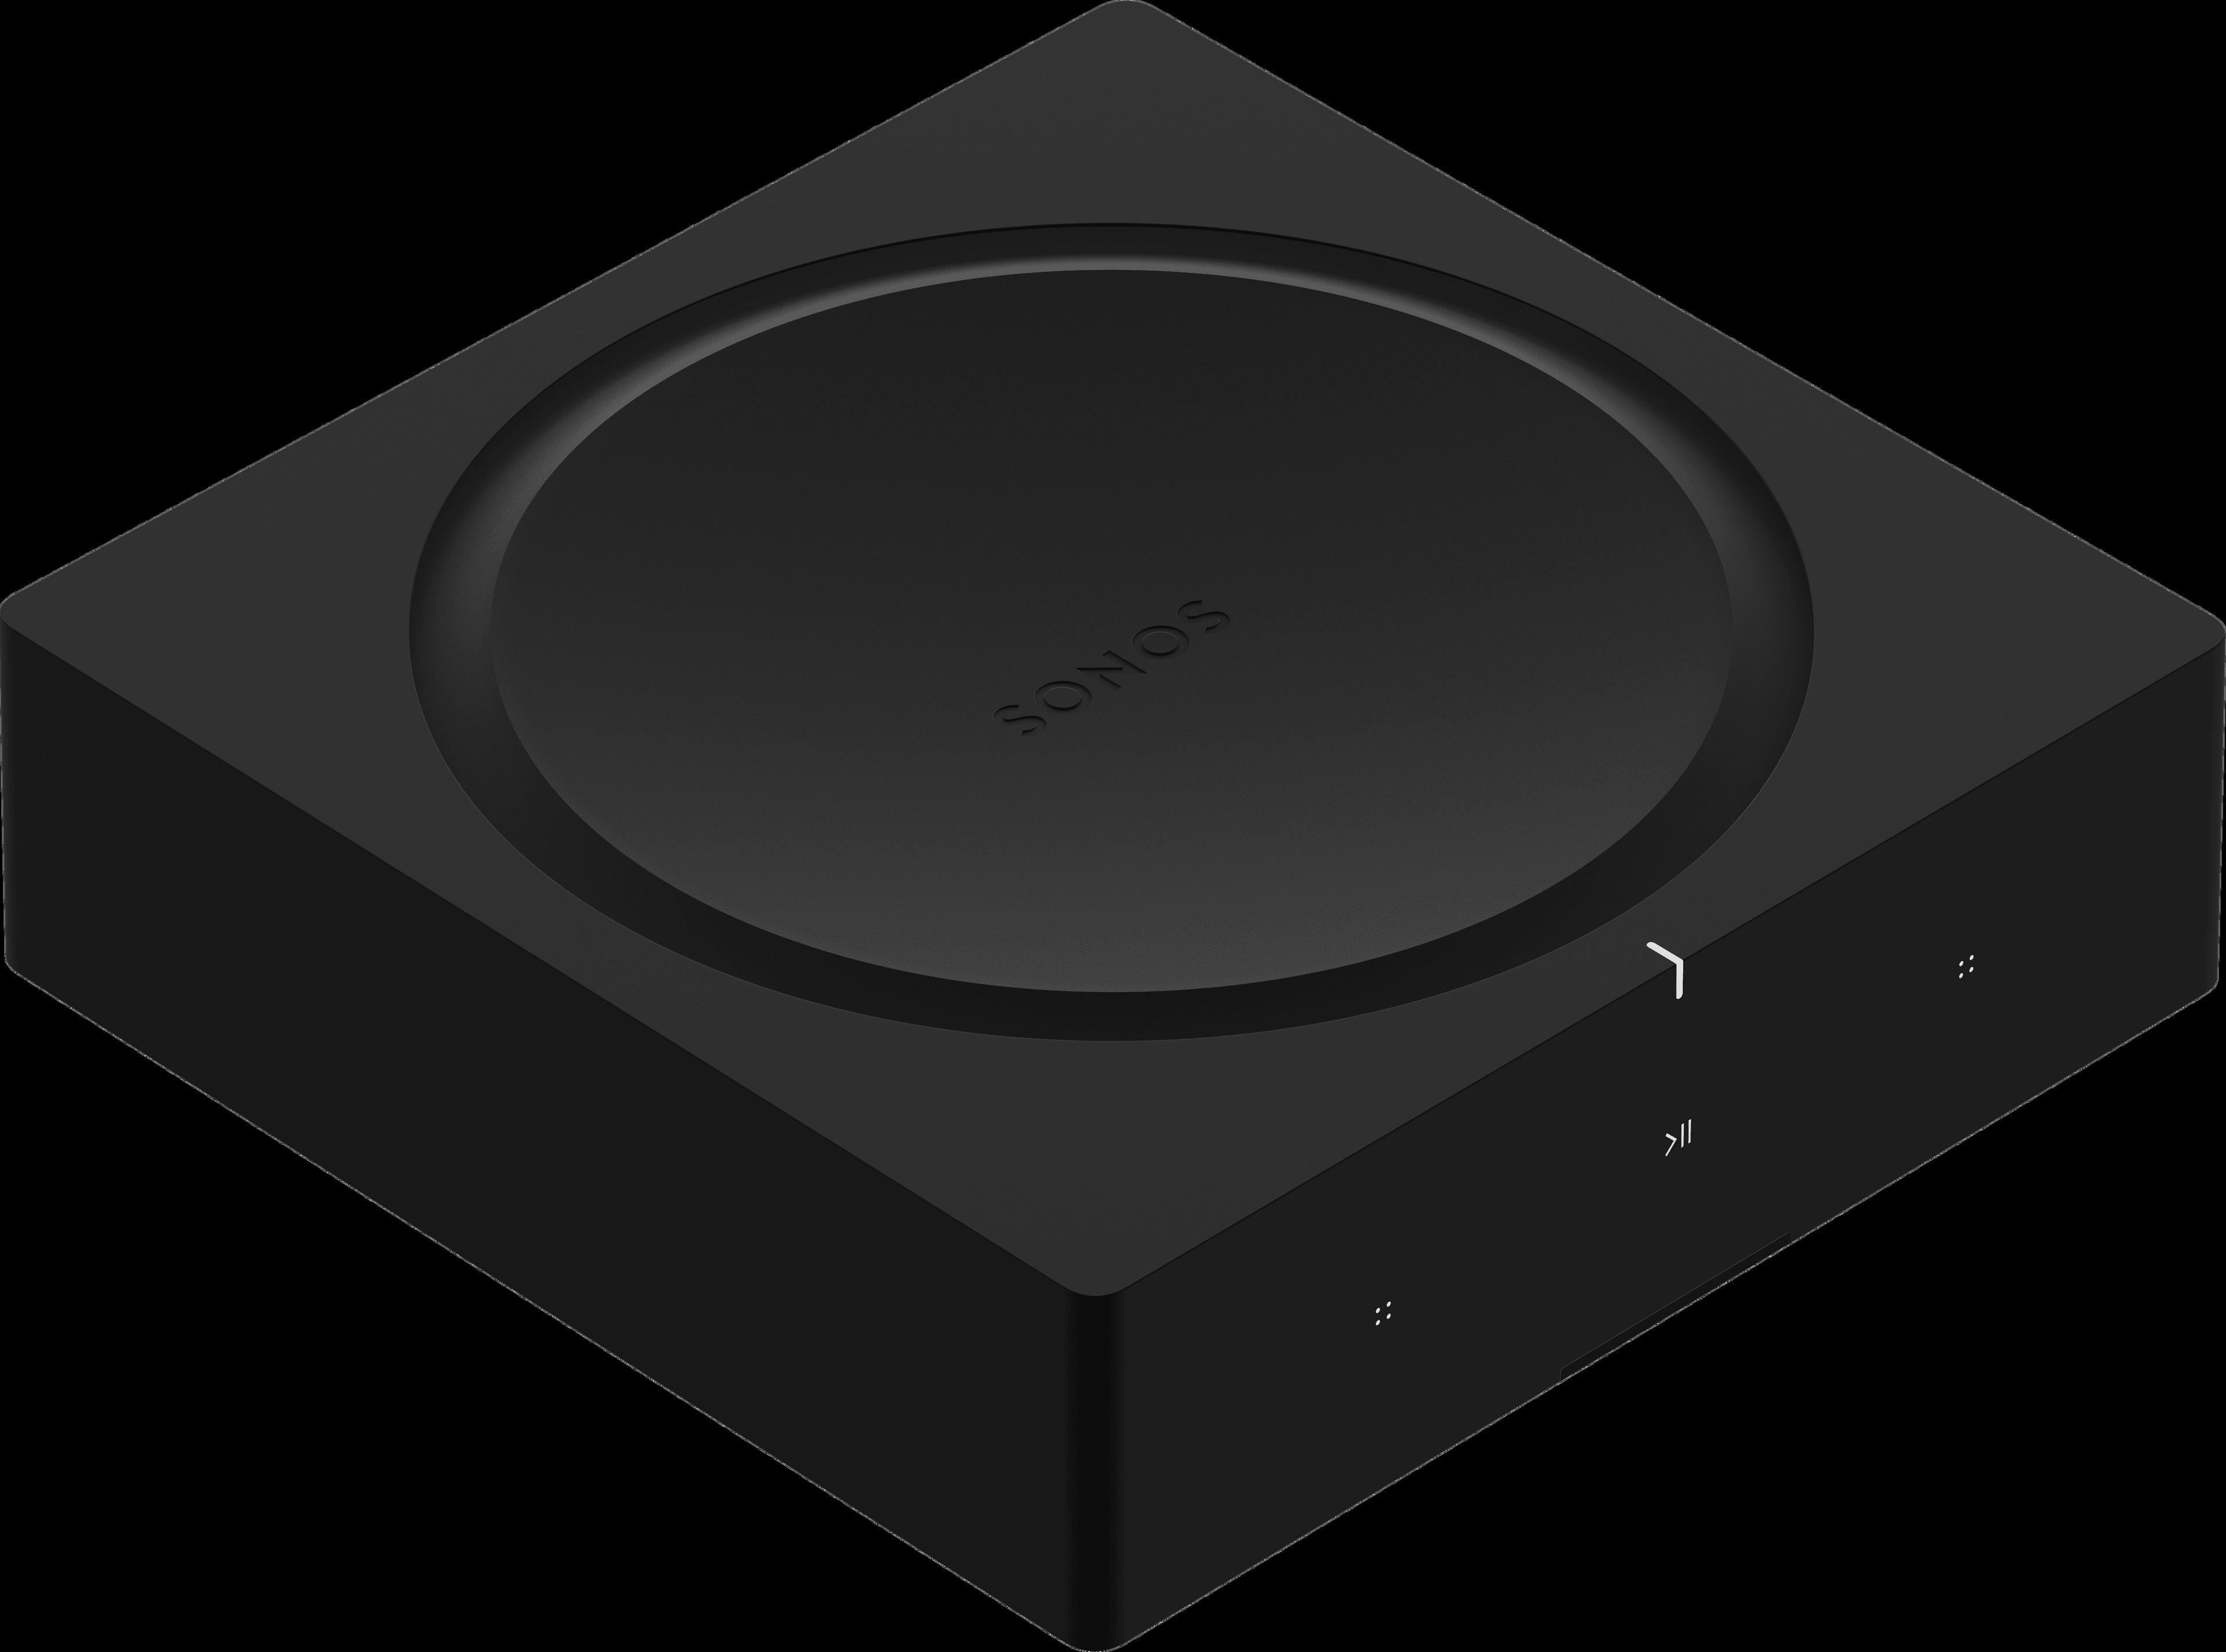 Sonos Amp - profil face